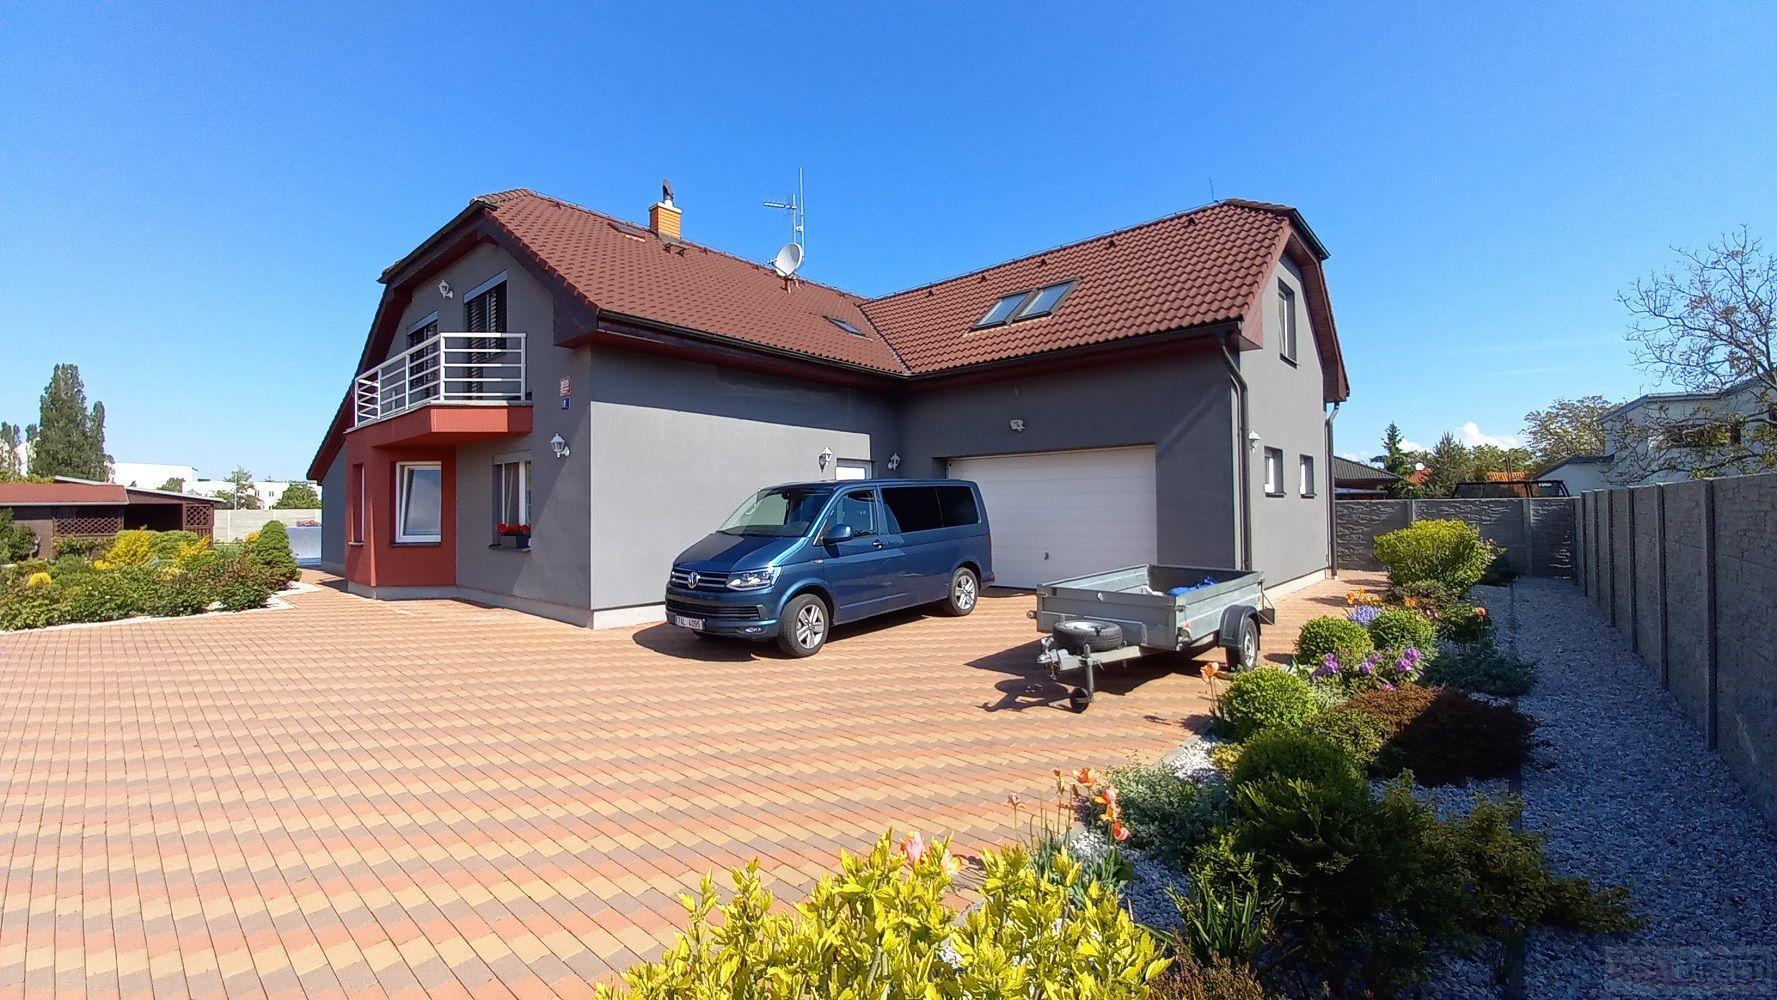 Prodej rodinného domu 7+1 (287,7m2) + garáž (34 m2), pozemek 1543m2, ul. Střelečská, Horní Počernice